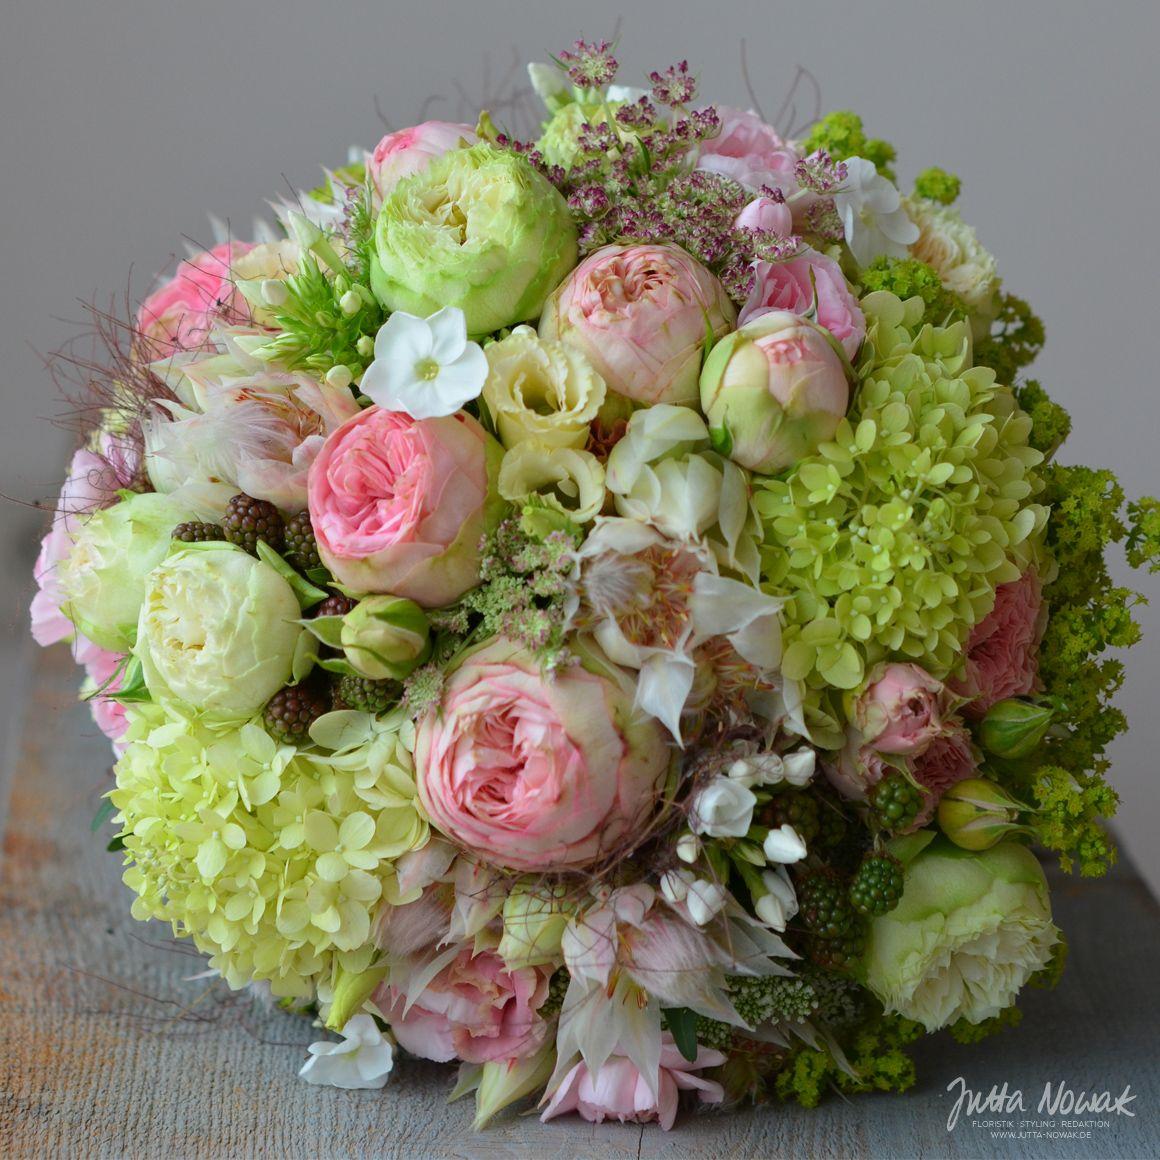 Jutta Nowak Floristik Hochzeit Brautstrauss Weiss Rosa Gruen